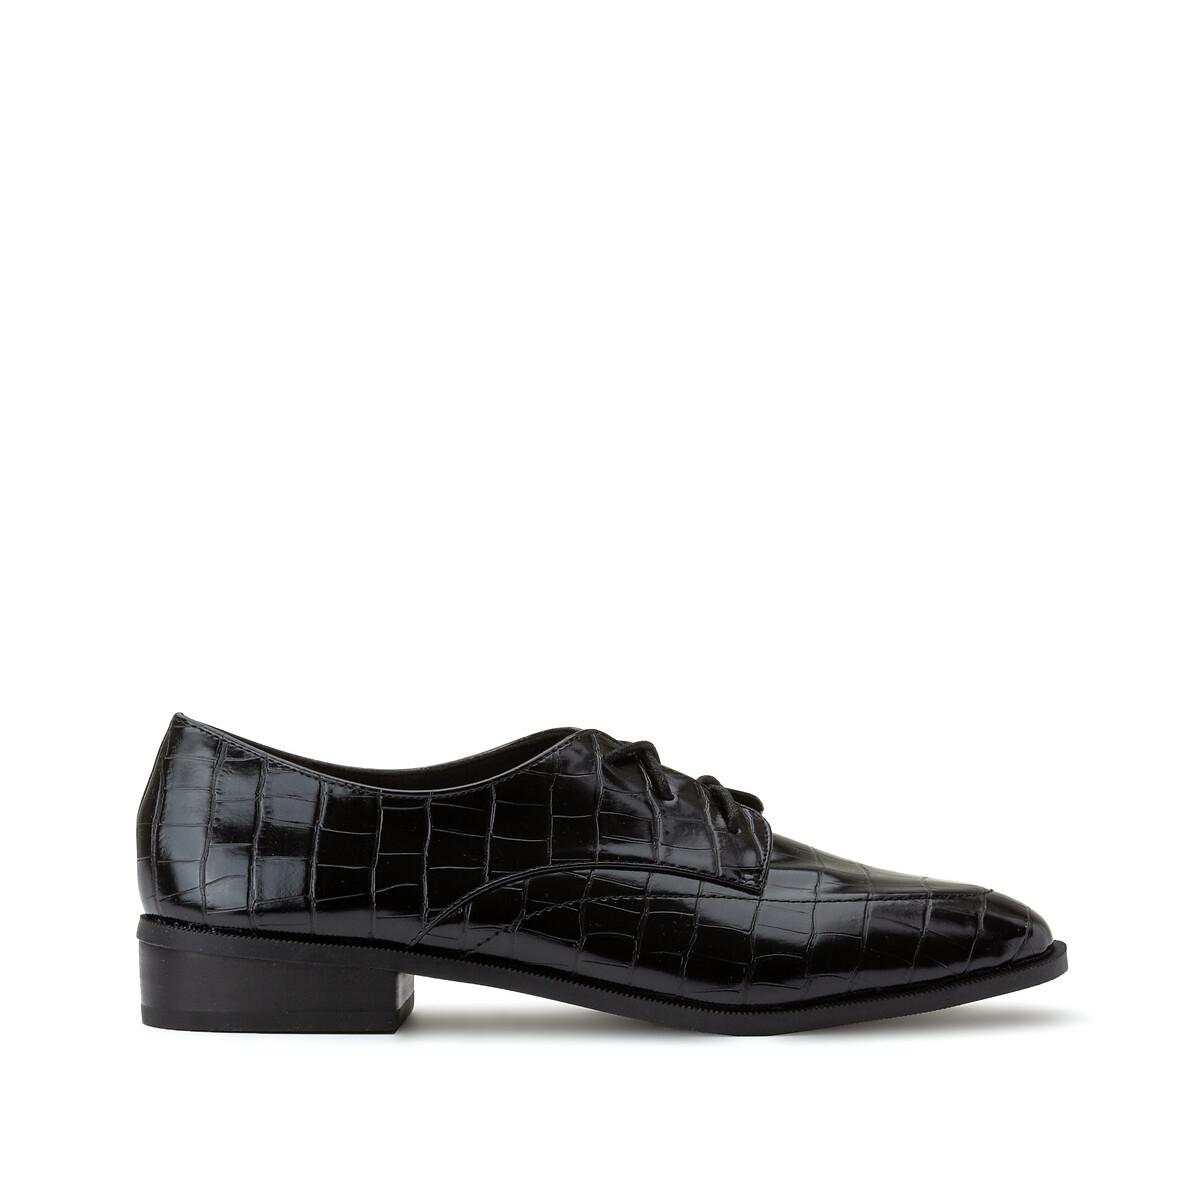 Туфли LaRedoute - дерби с эффектом крокодиловой кожи 39 черный недорого